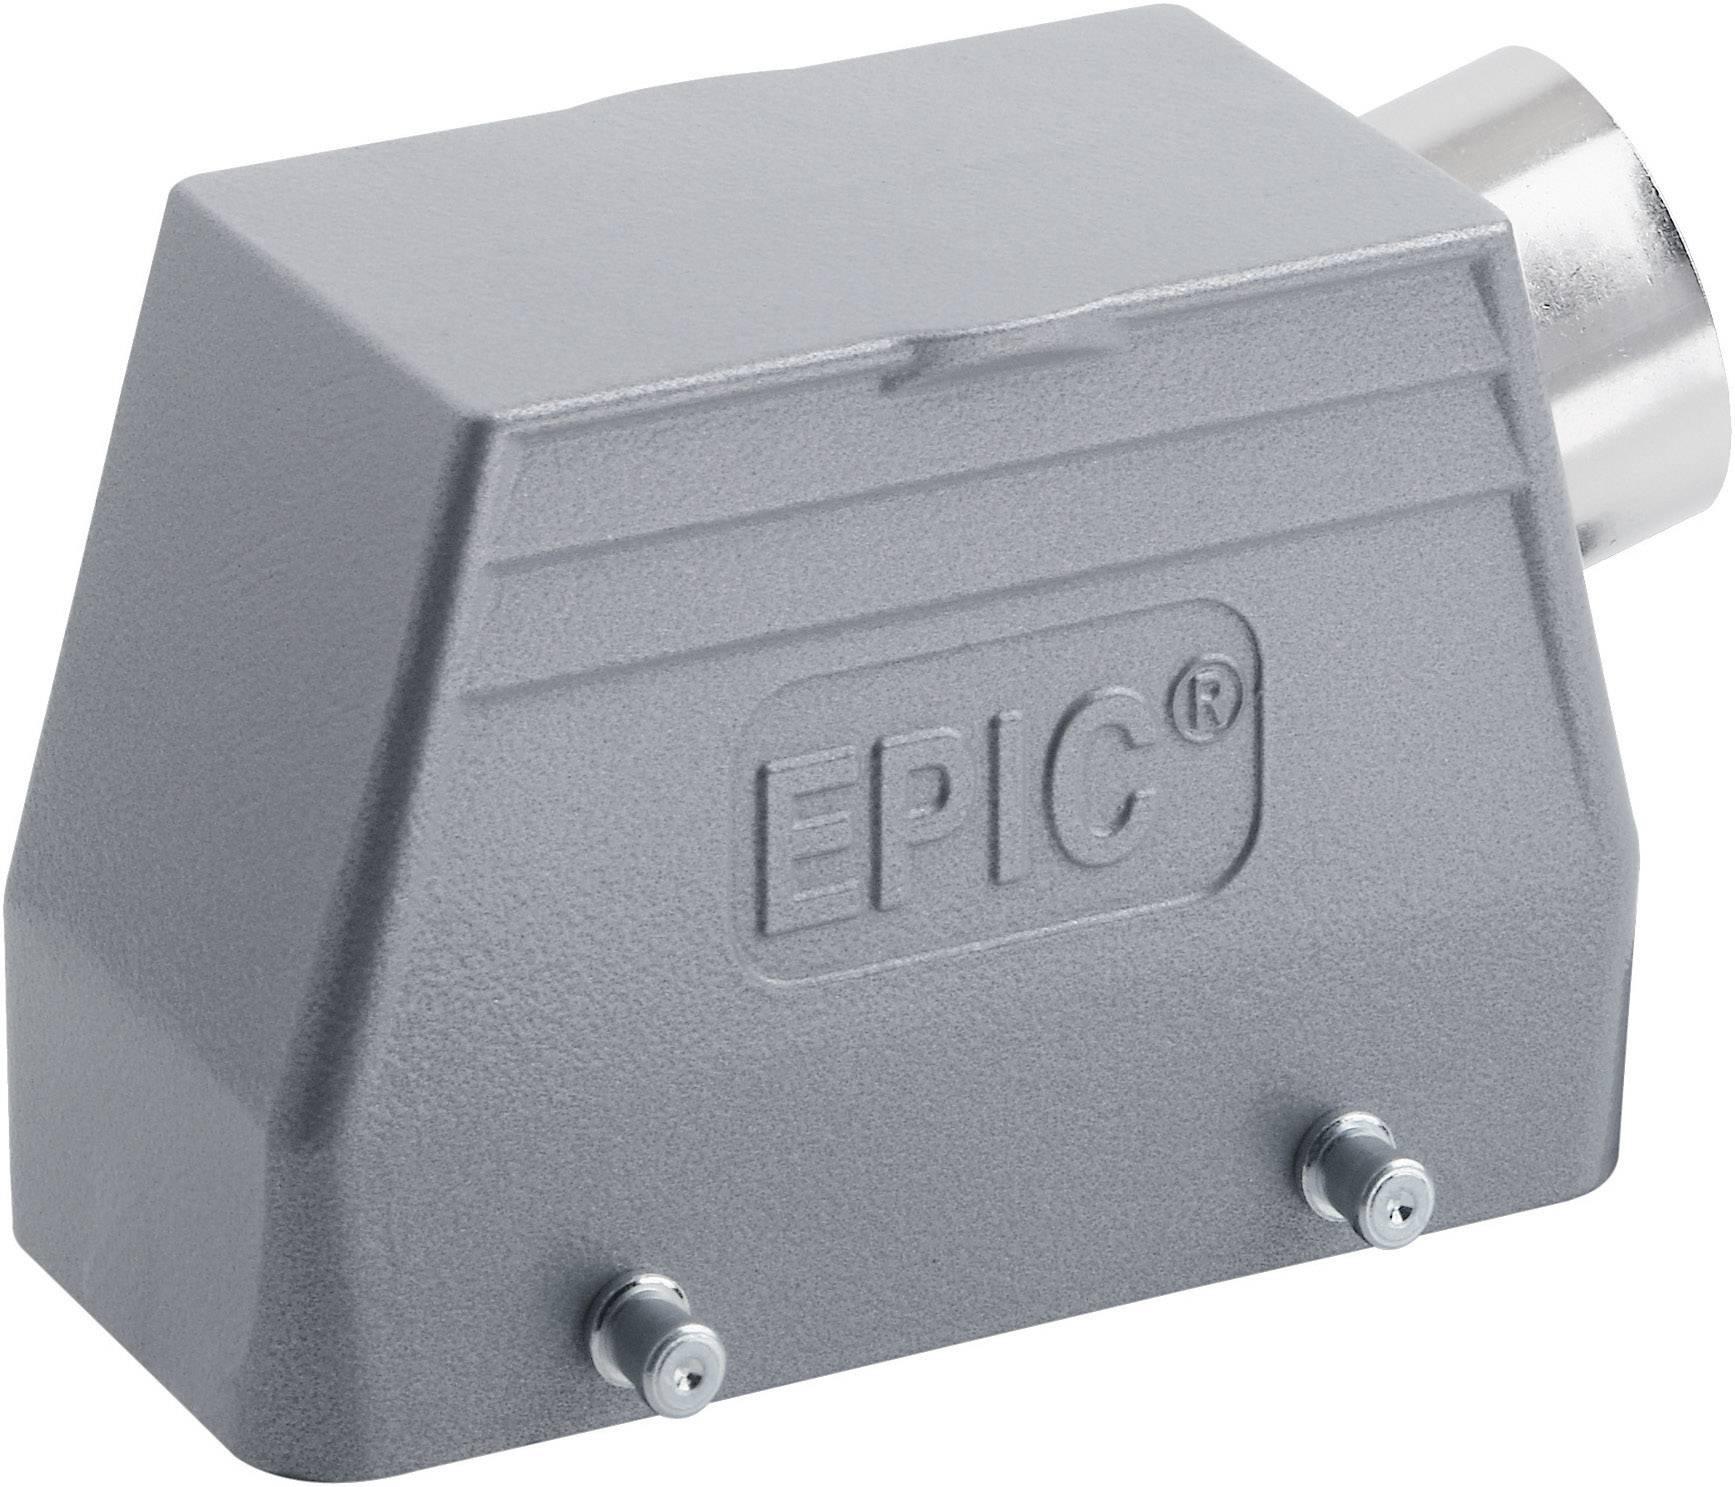 Pouzdro LappKabel EPIC® H-B 10 TS M20 19042000 1 ks